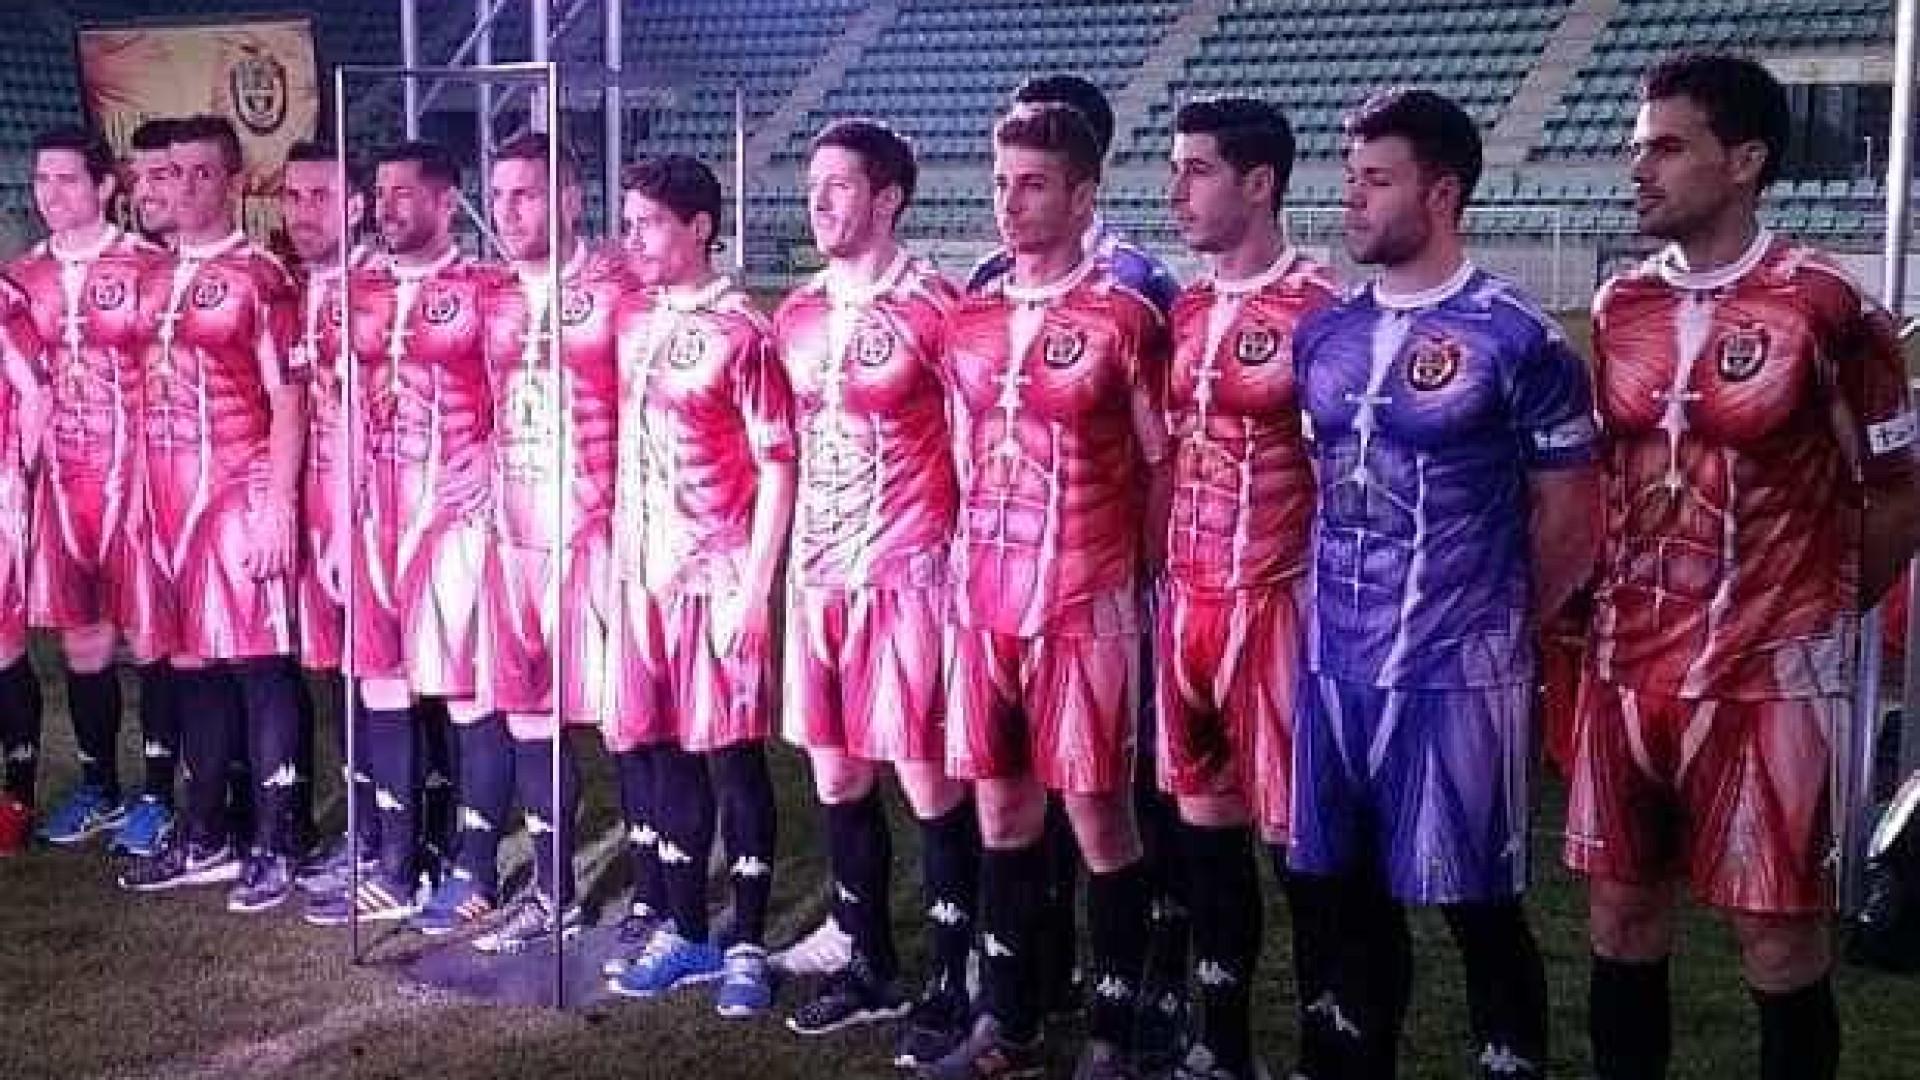 80993ff31c50b Time espanhol lança uniforme pra lista dos mais feios do mundo